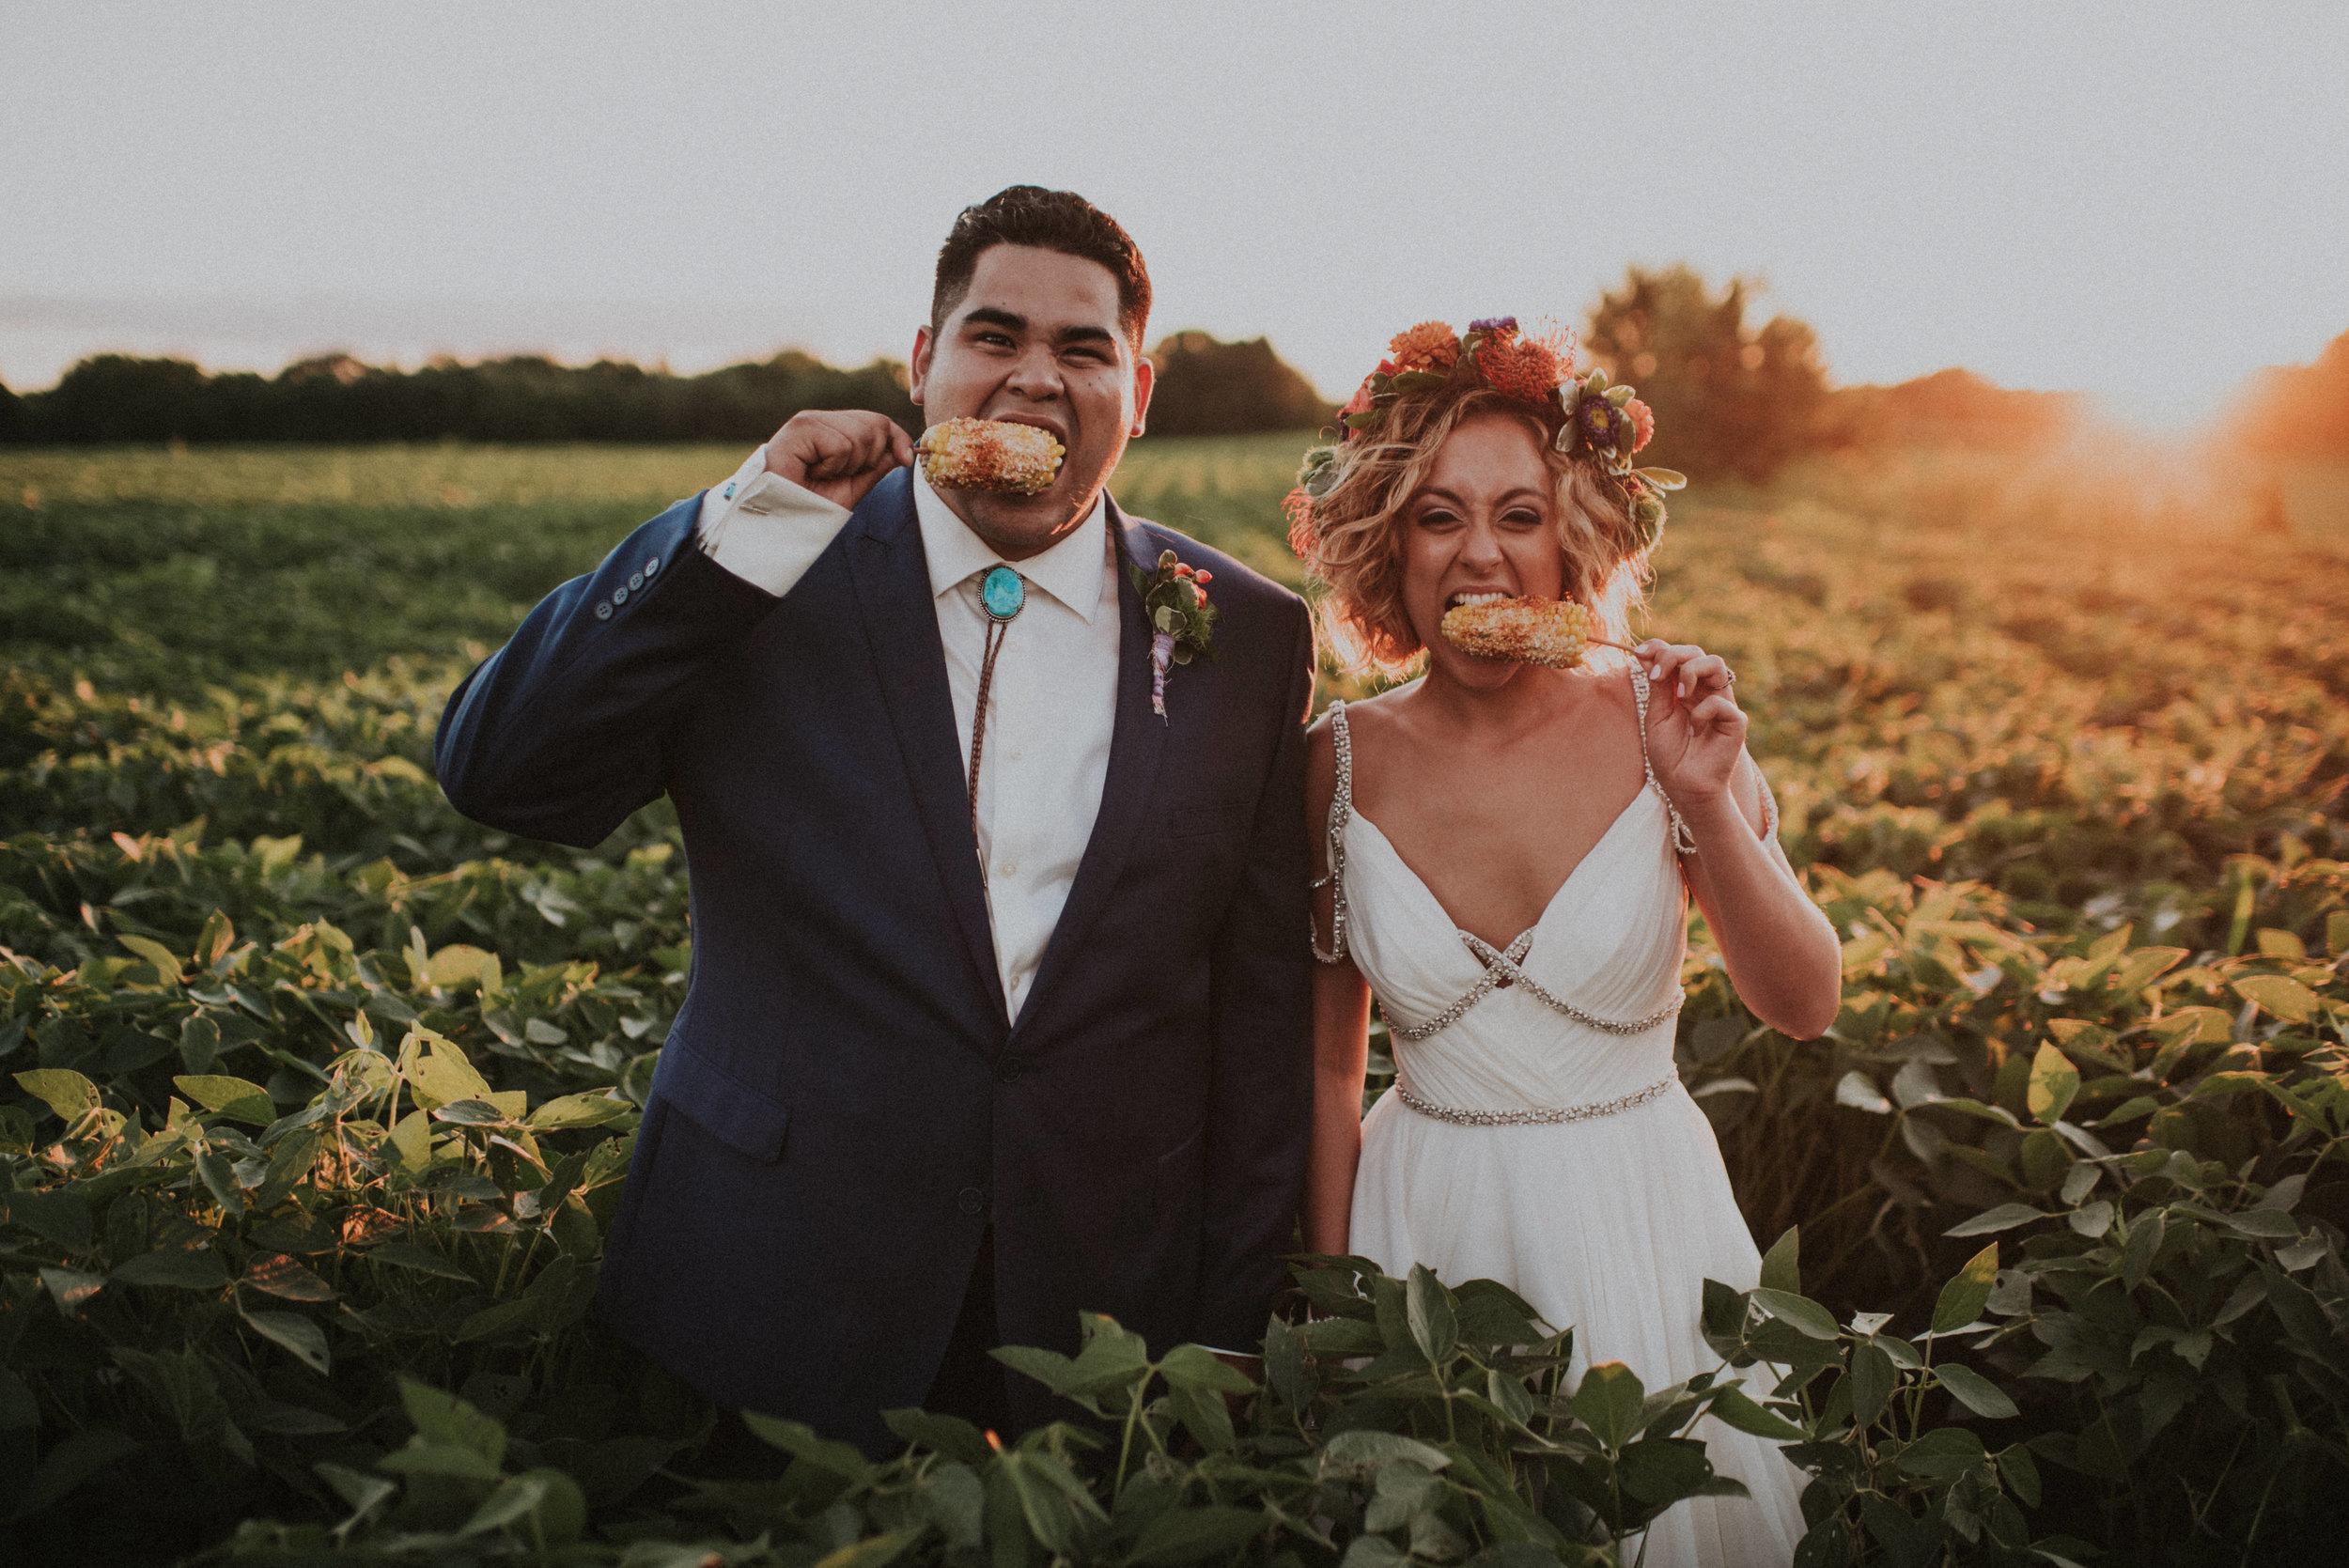 Haley & Jose - Illinois